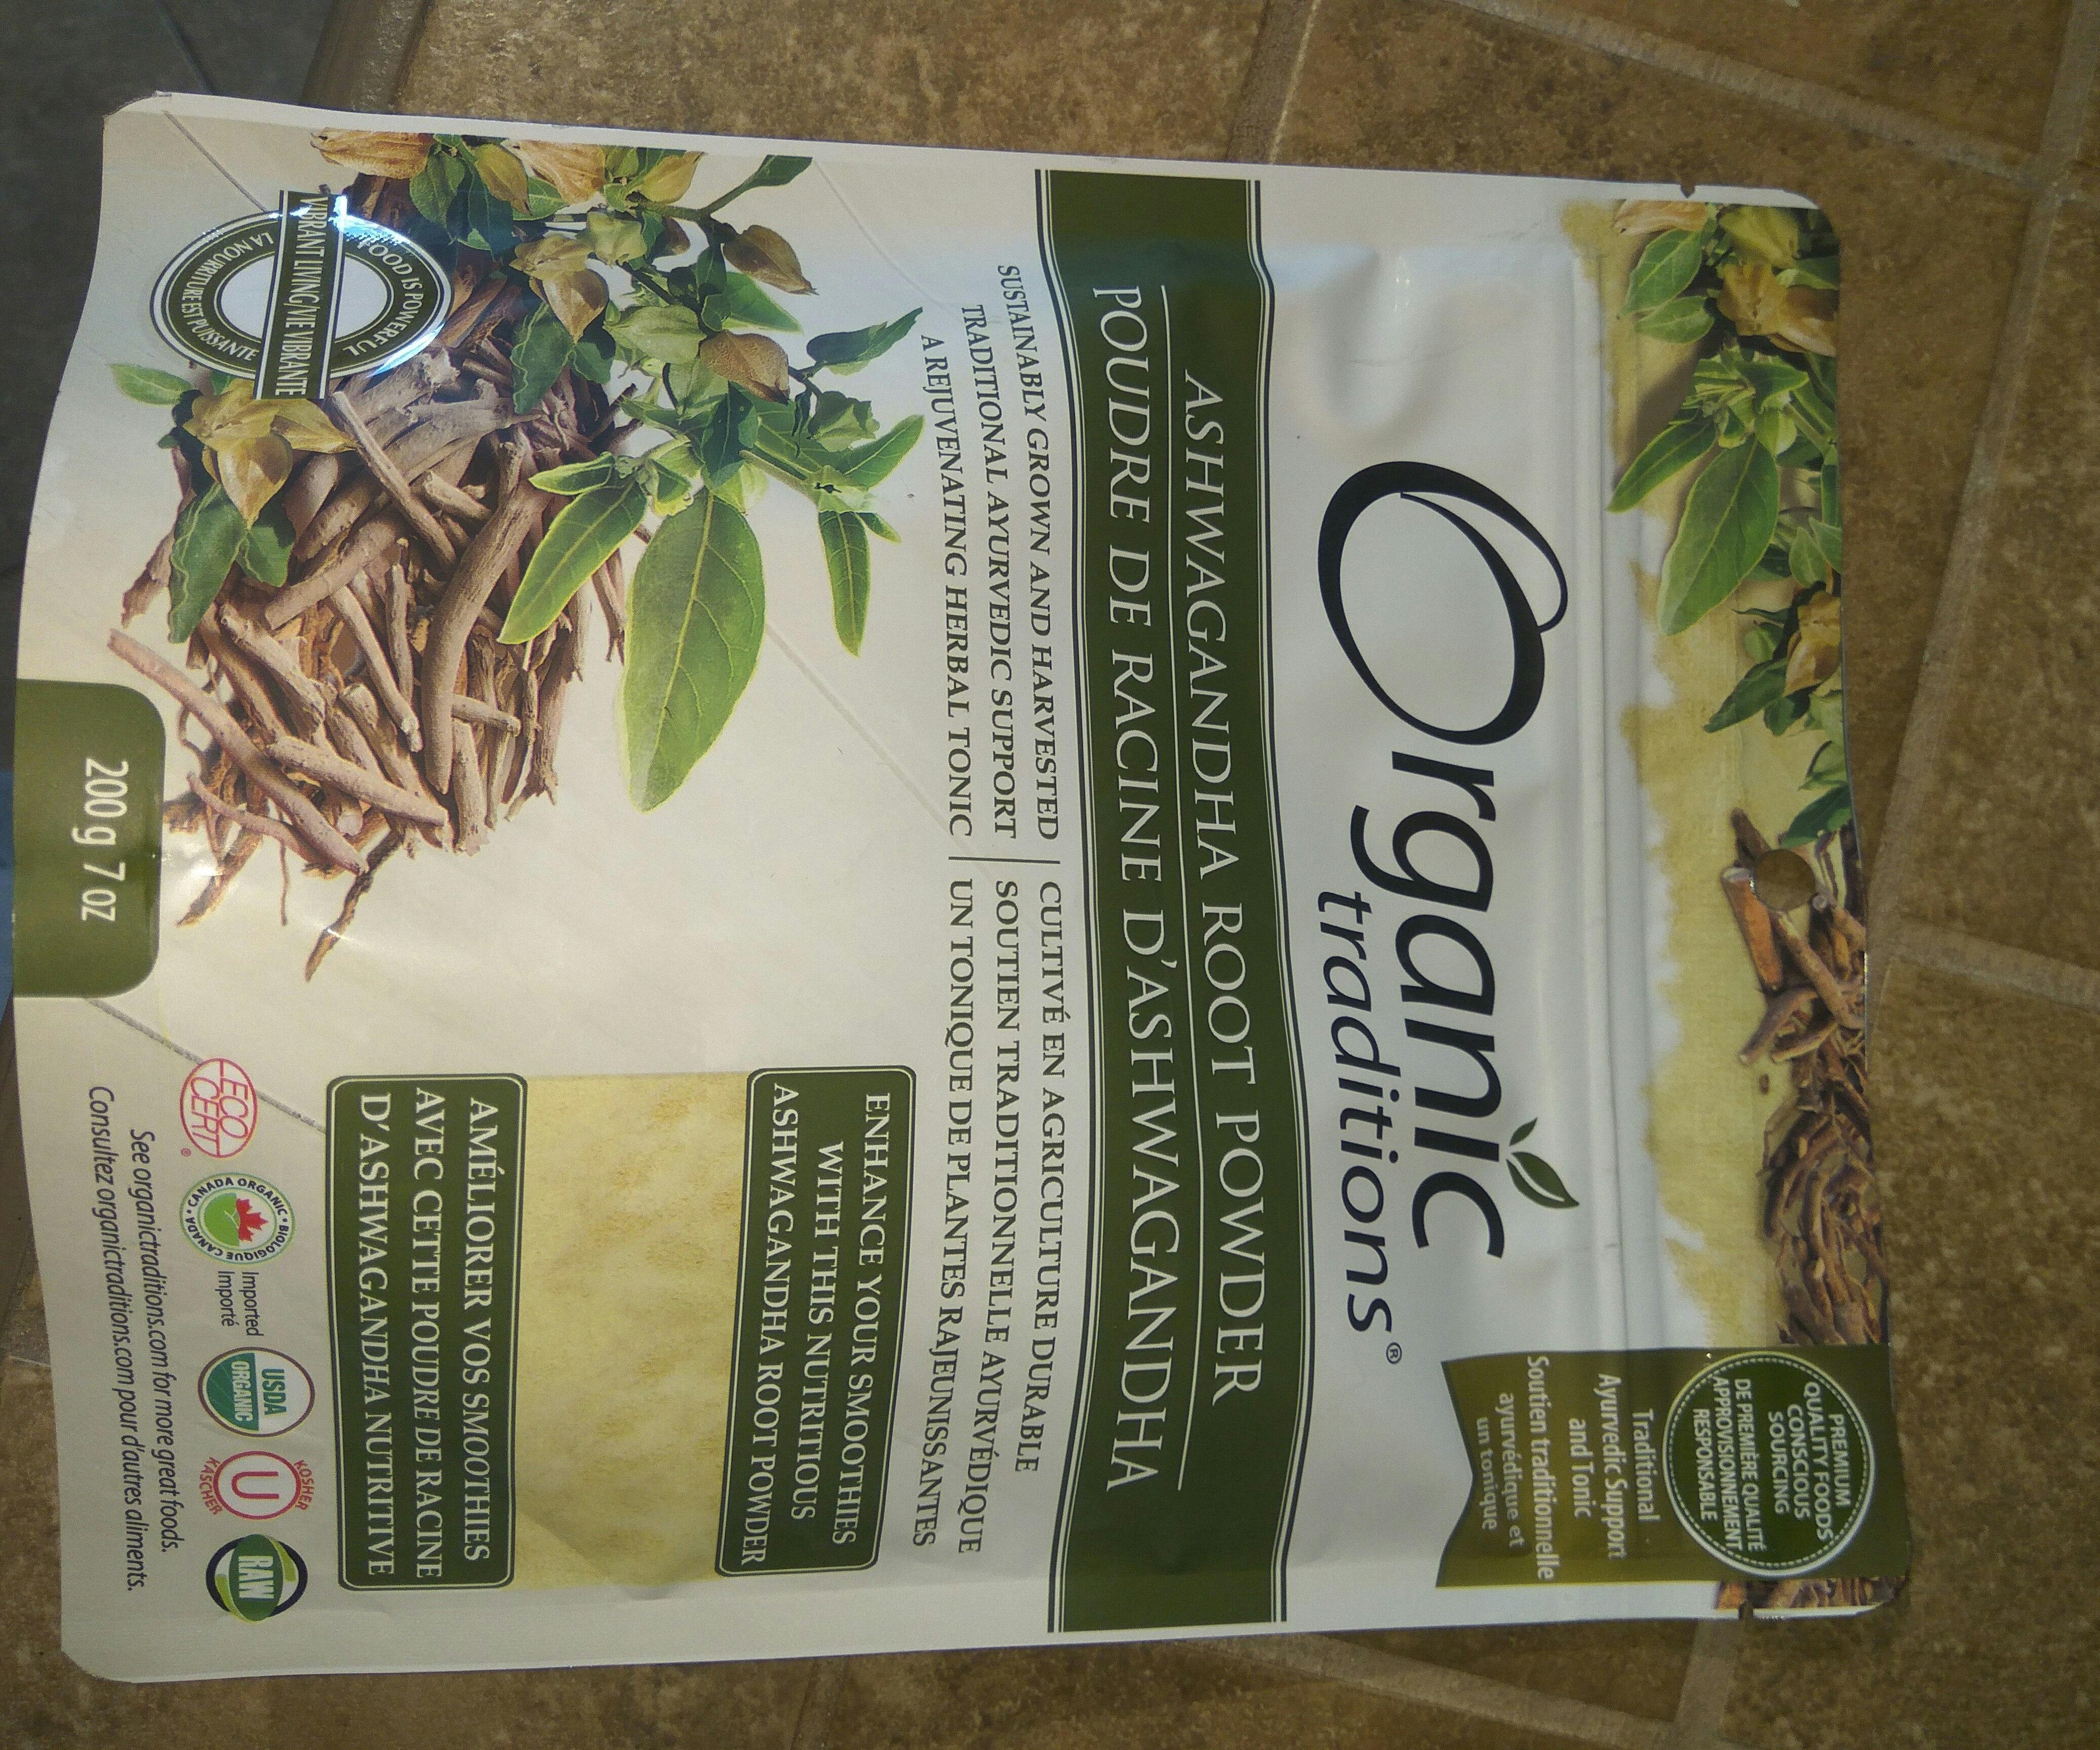 Poudre de racine d'Ashwagandha Root Powder - Produit - fr